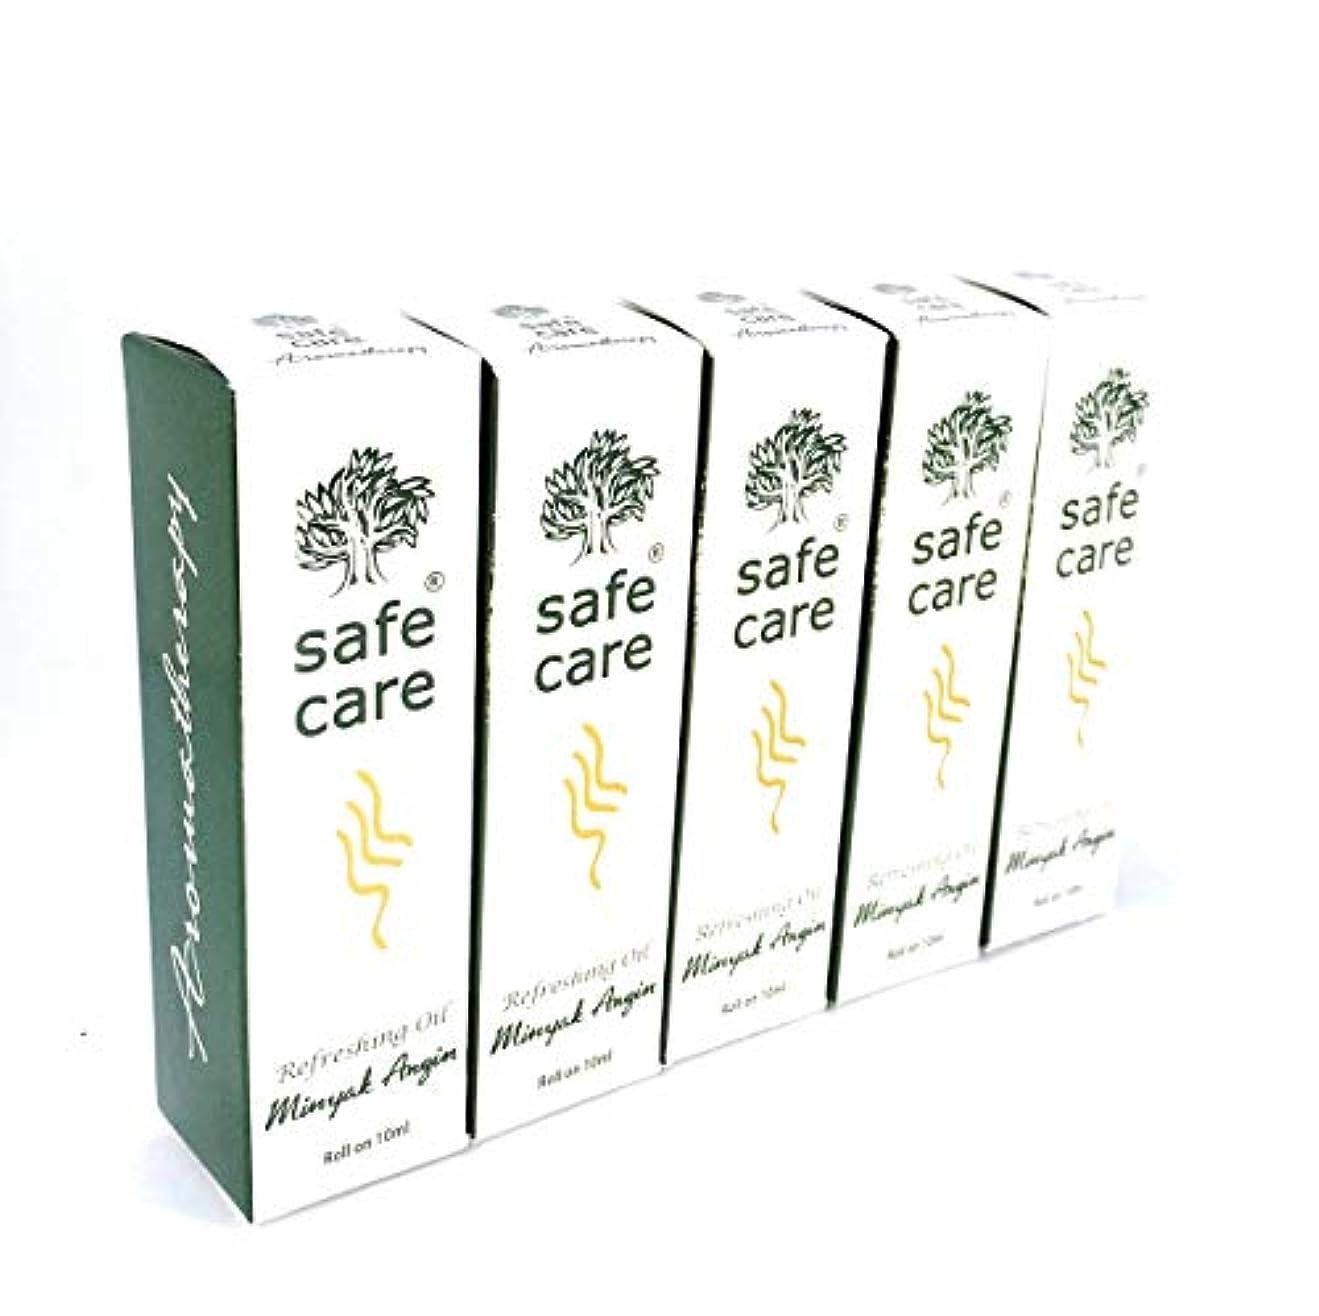 背の高い製油所擁するSafe Care セイフケア Aromatherapy Refreshing Oil アロマテラピー リフレッシュオイル ロールオン 10ml × 5本セット [並行輸入品][海外直送品]